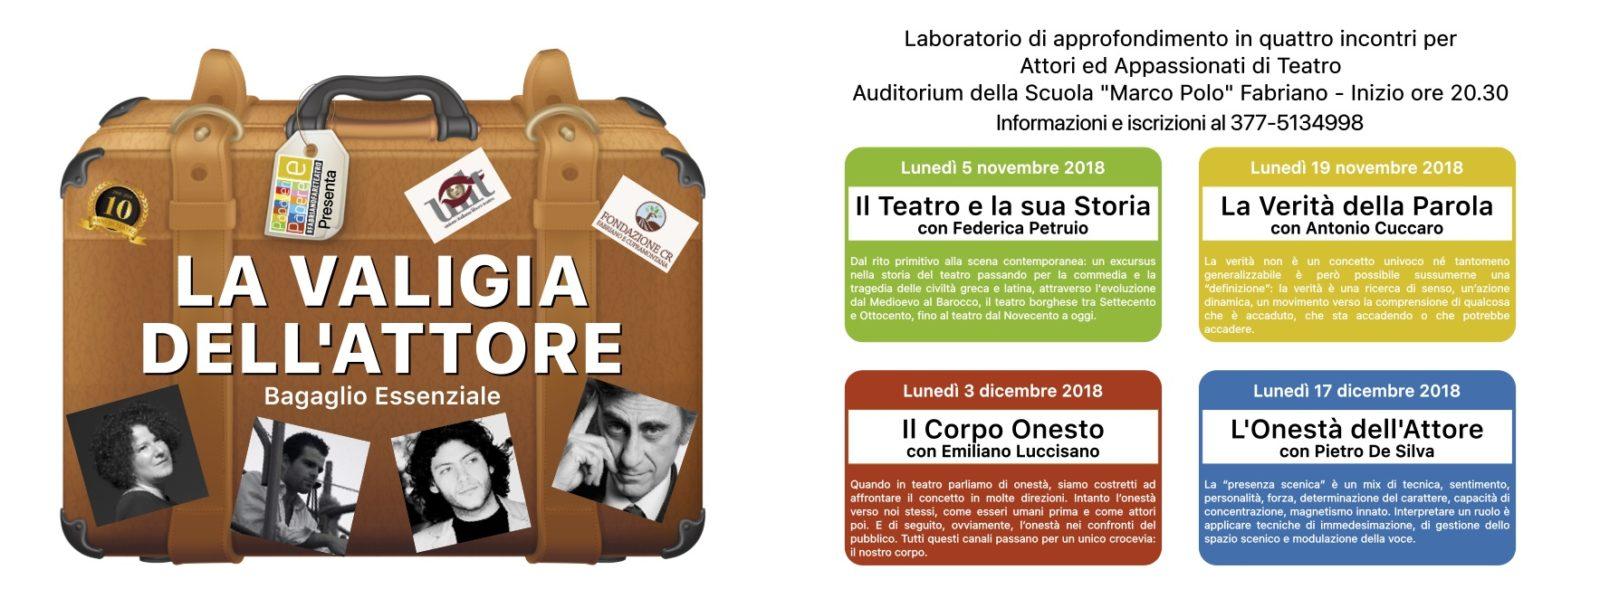 La valigia dell'attore